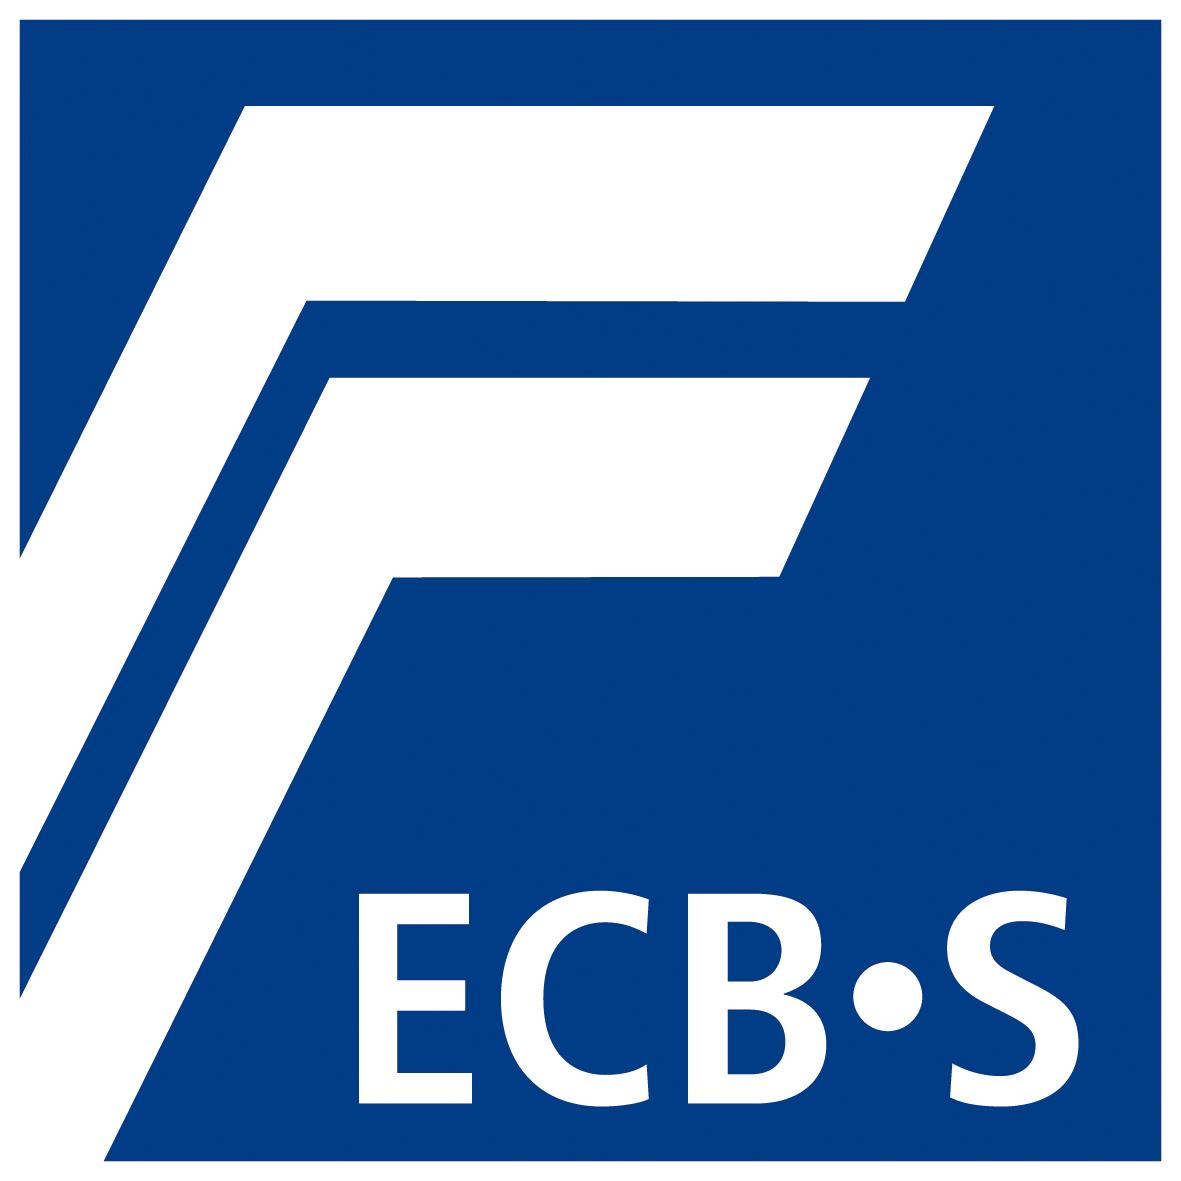 ECB S